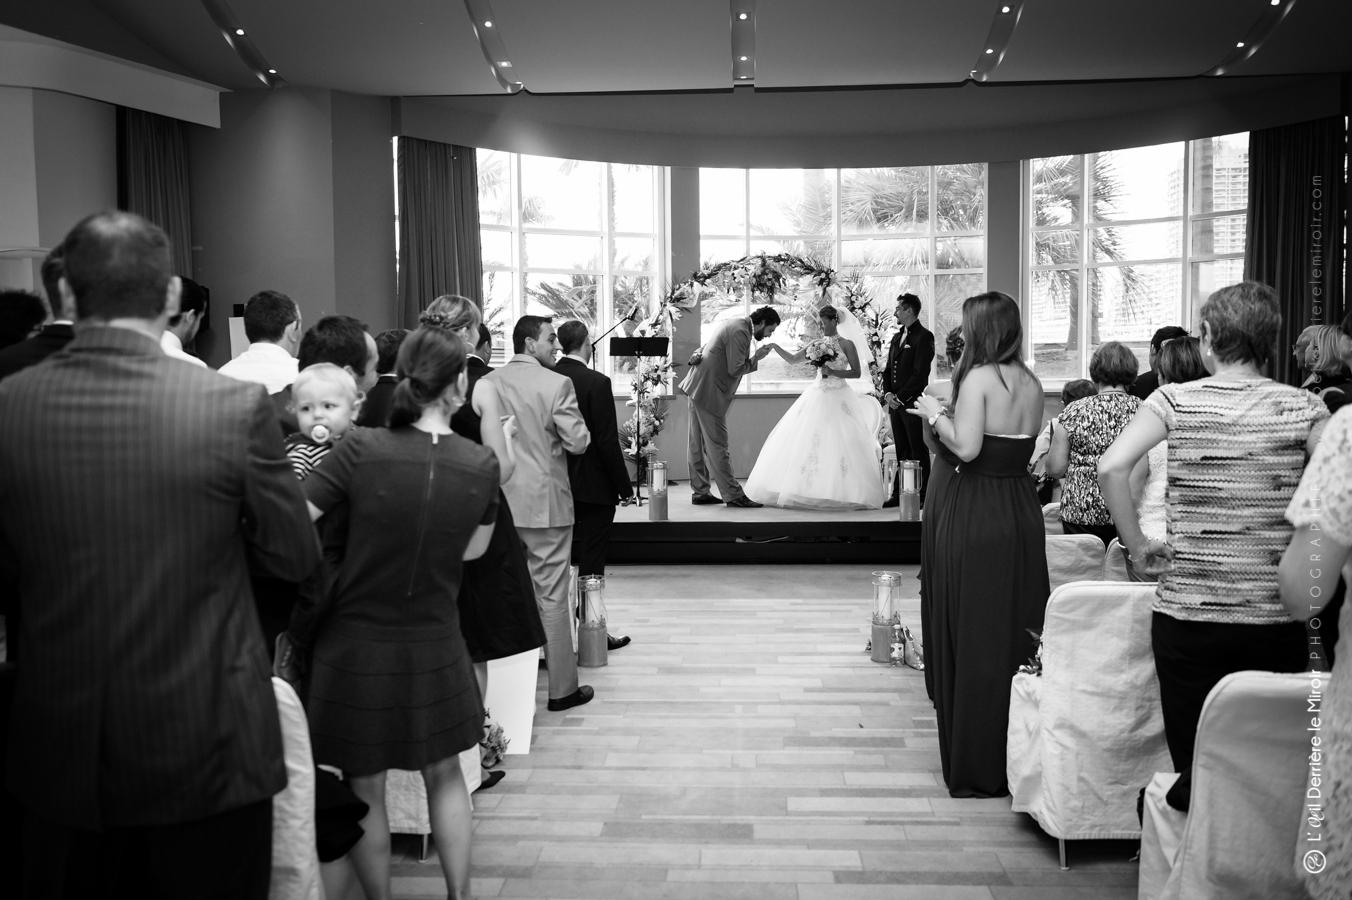 Photographe-mariage-monaco-loeilderrierelemiroir-032